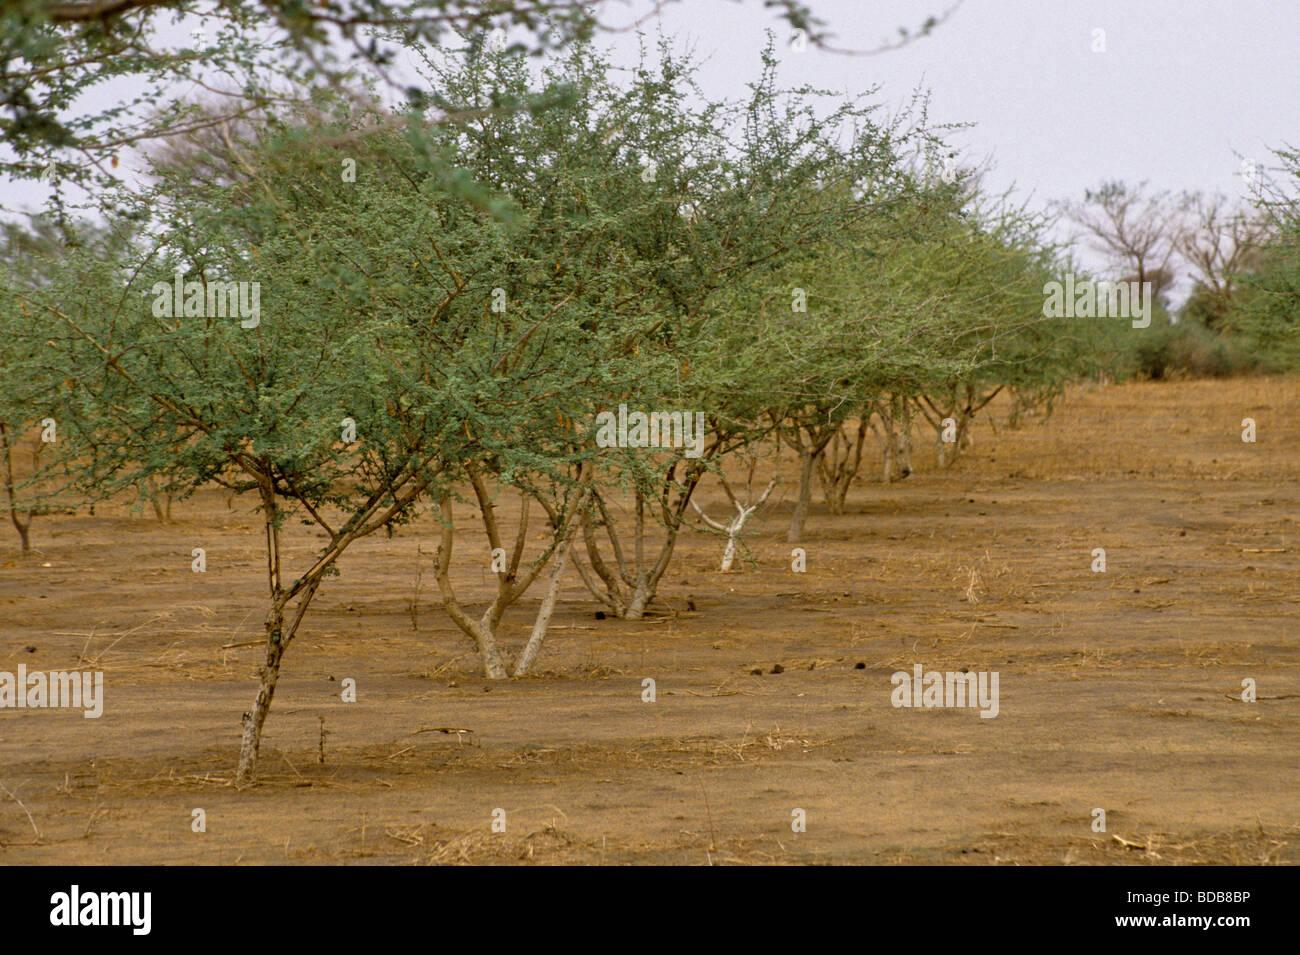 Gum Arabic Row Of Acacia Senegal Trees In A Gum Arabic Plantation